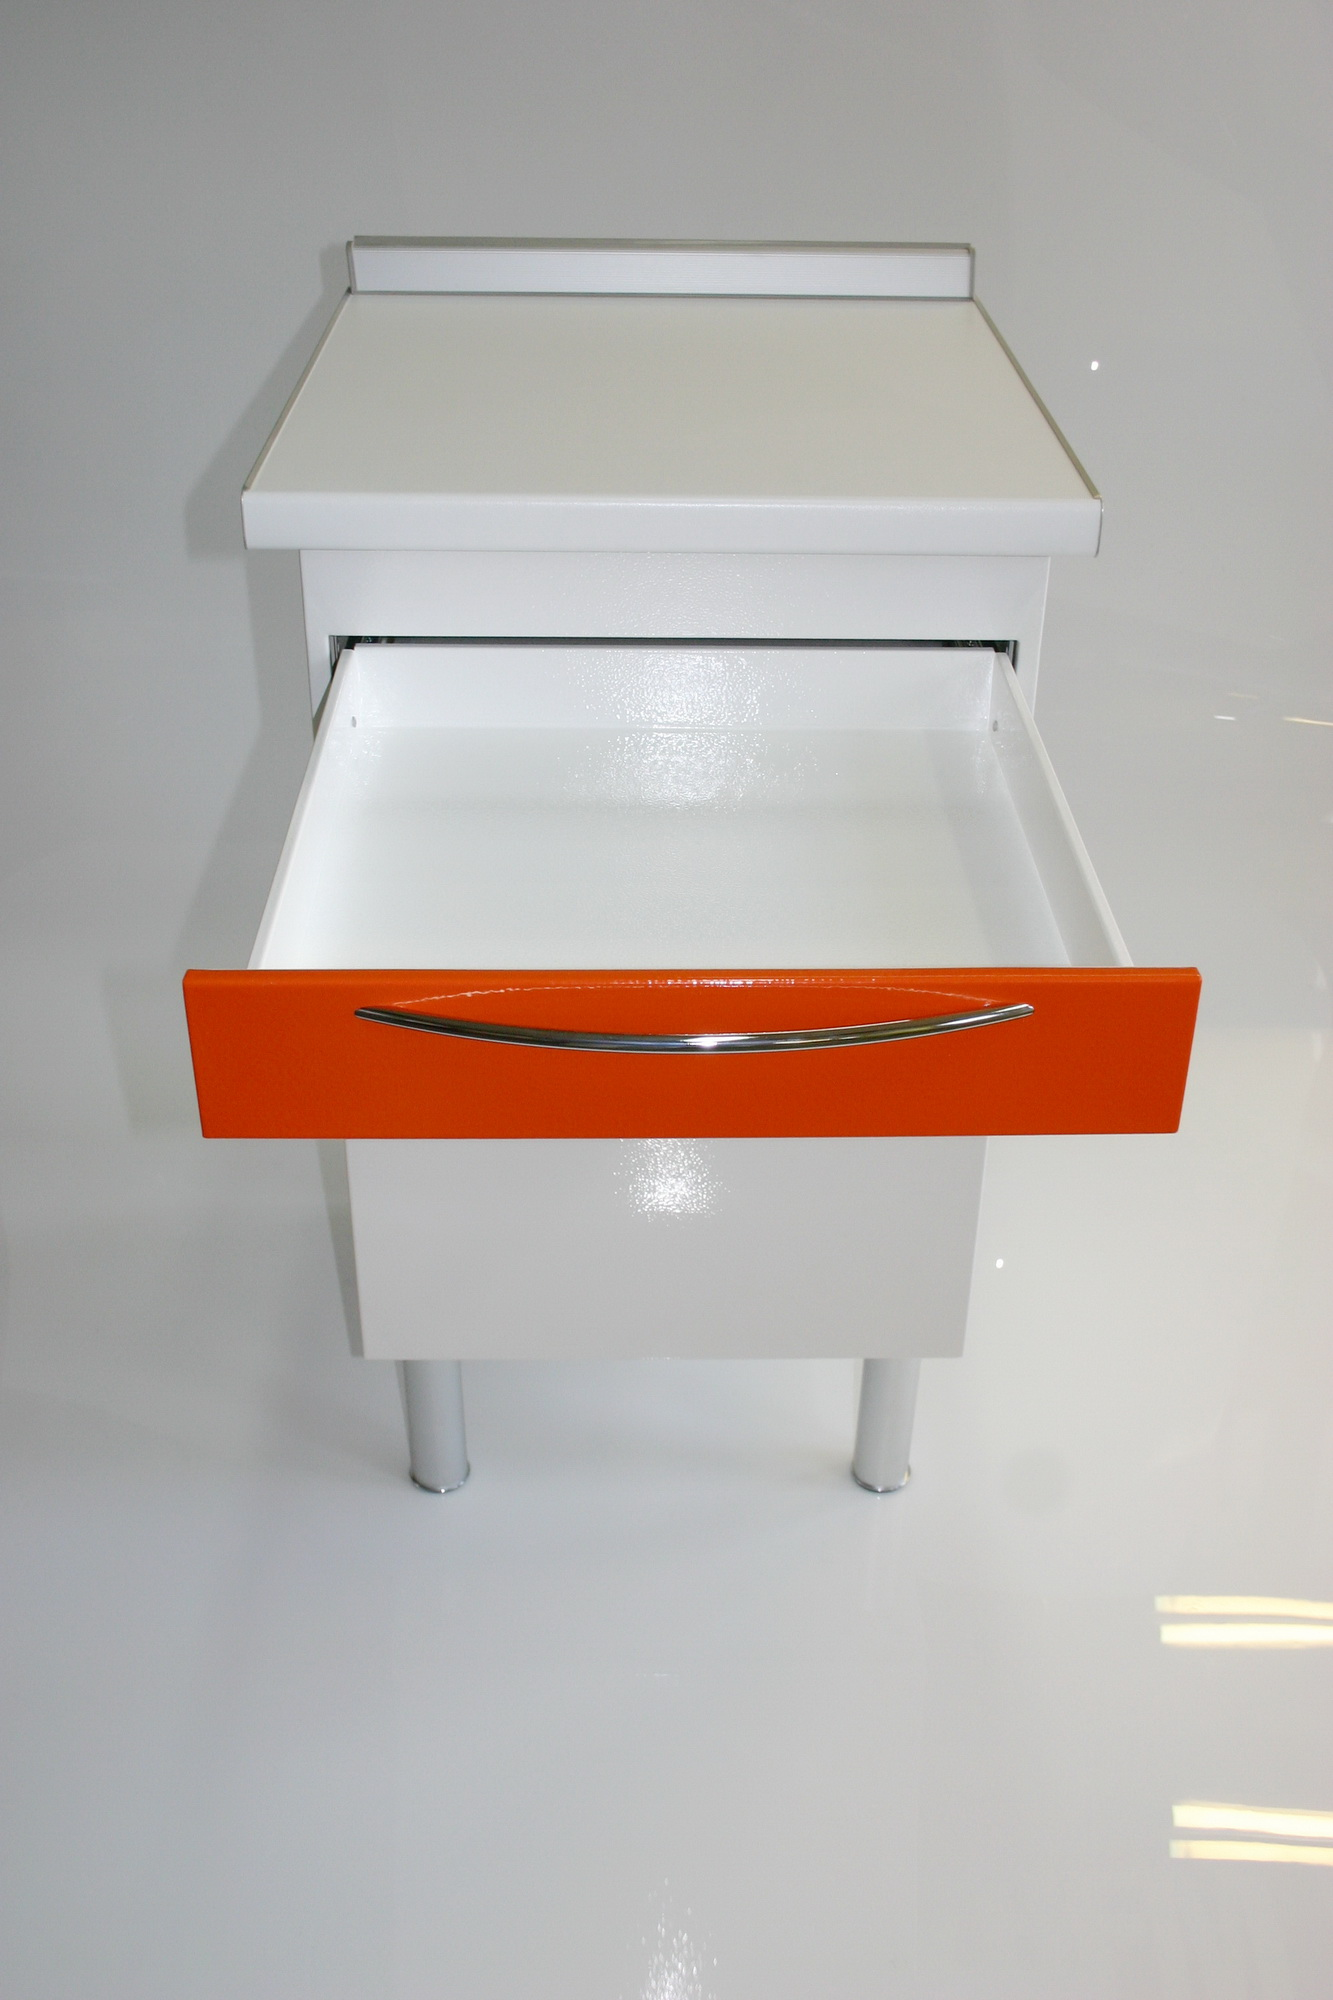 Возможно исполнение ящика для размещения клавиатуры ПК, что необходимо отдельно оговаривать при заказе тумбы